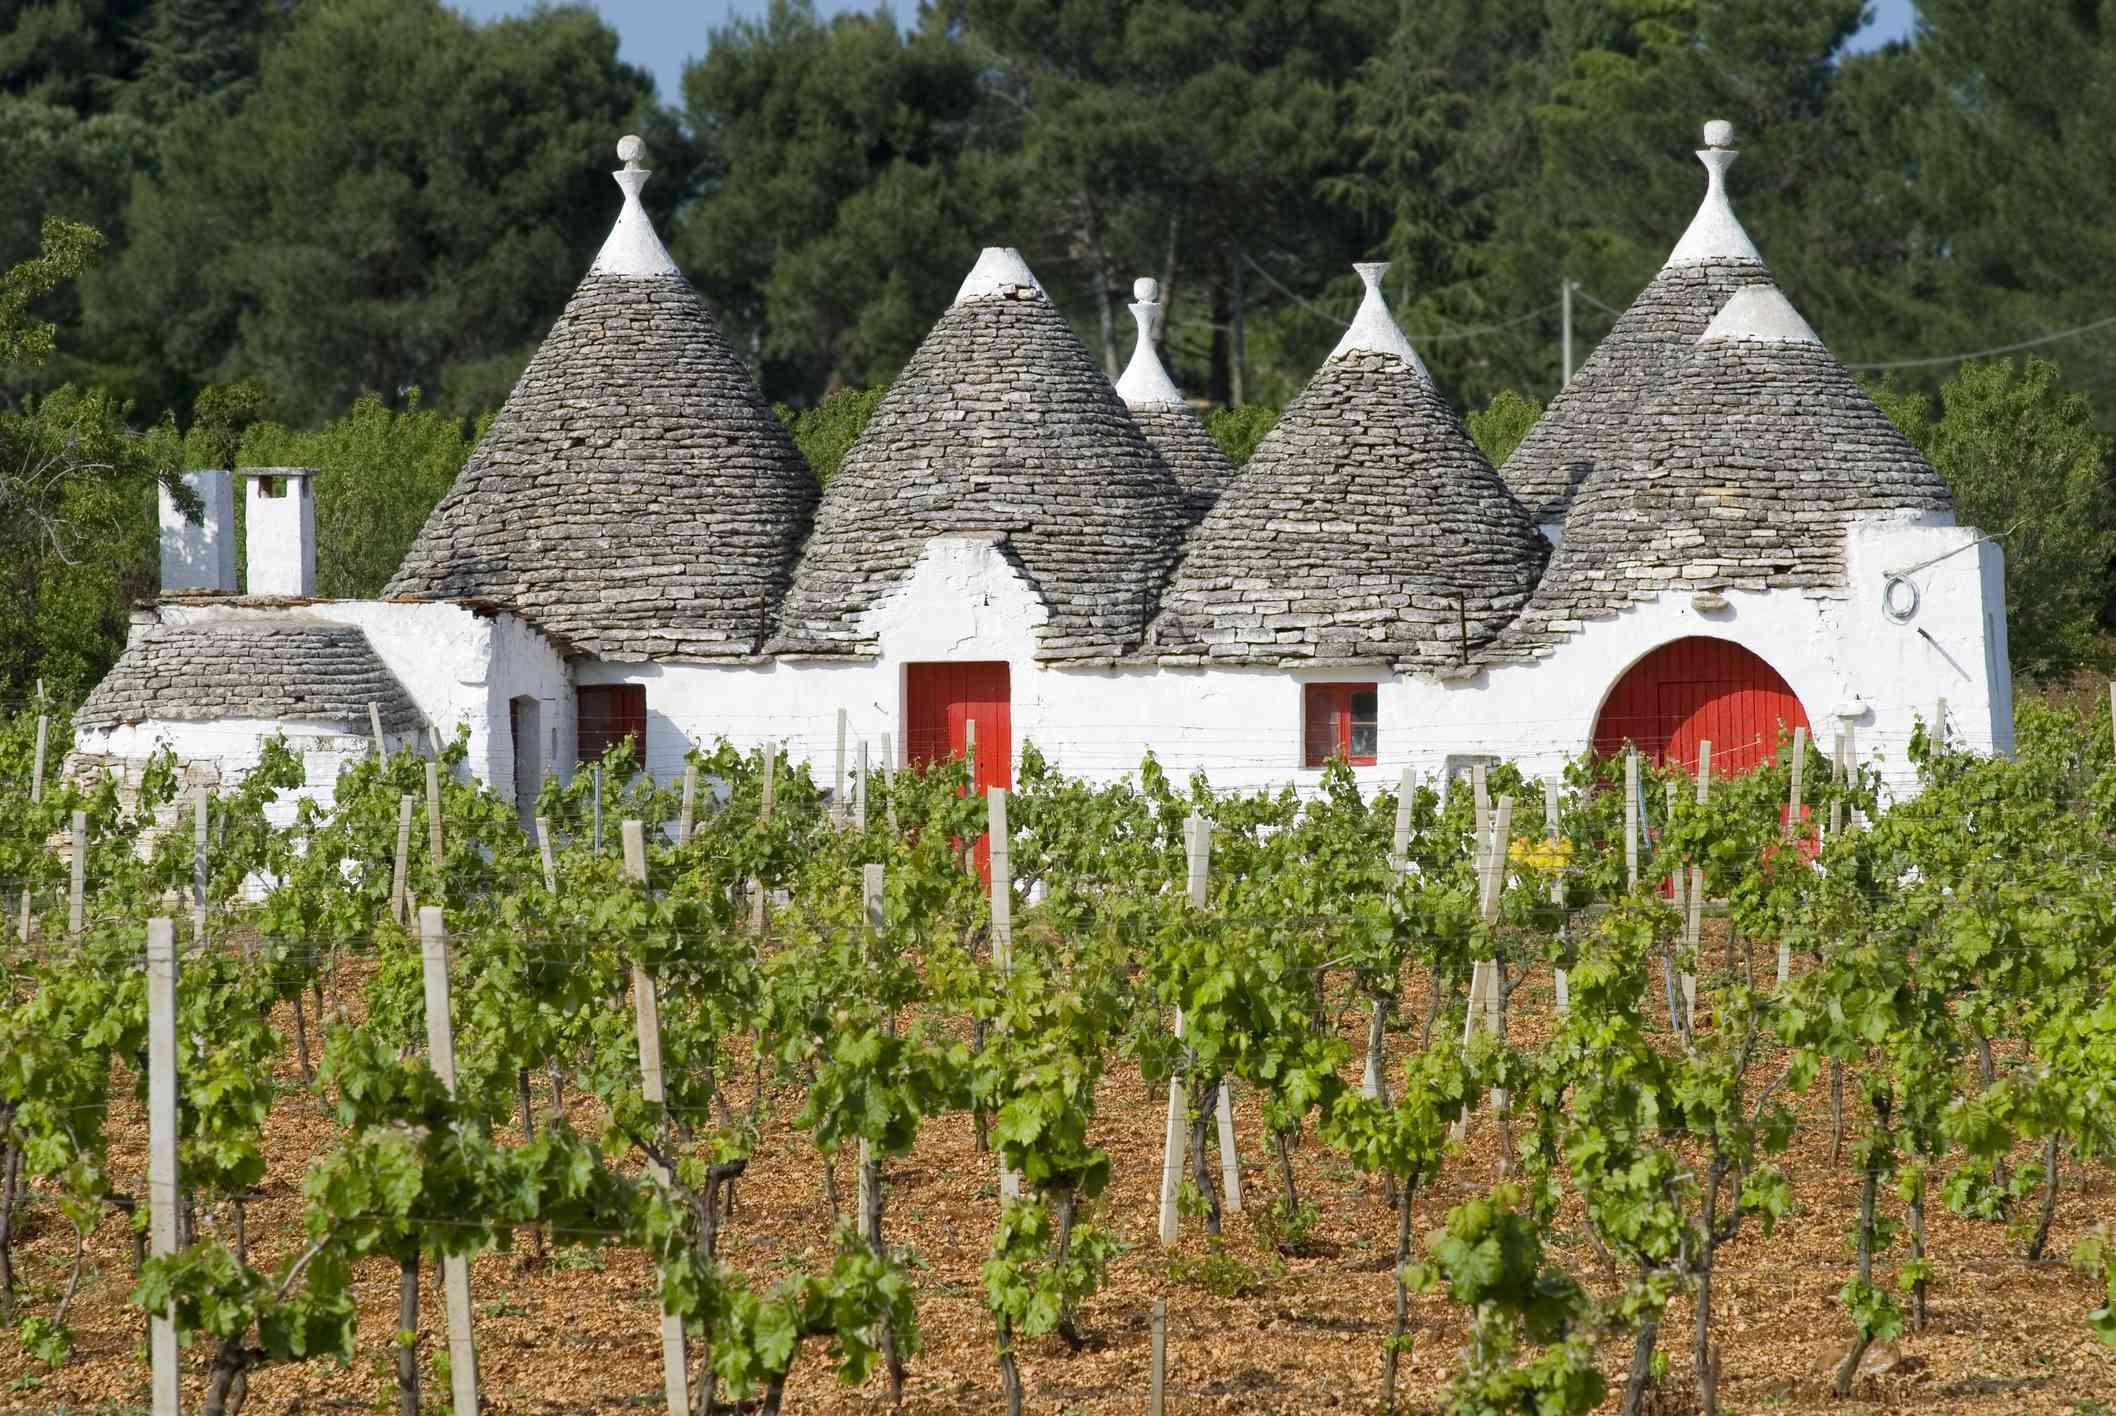 Trulli houses and grapevines near Alberobello, Puglia